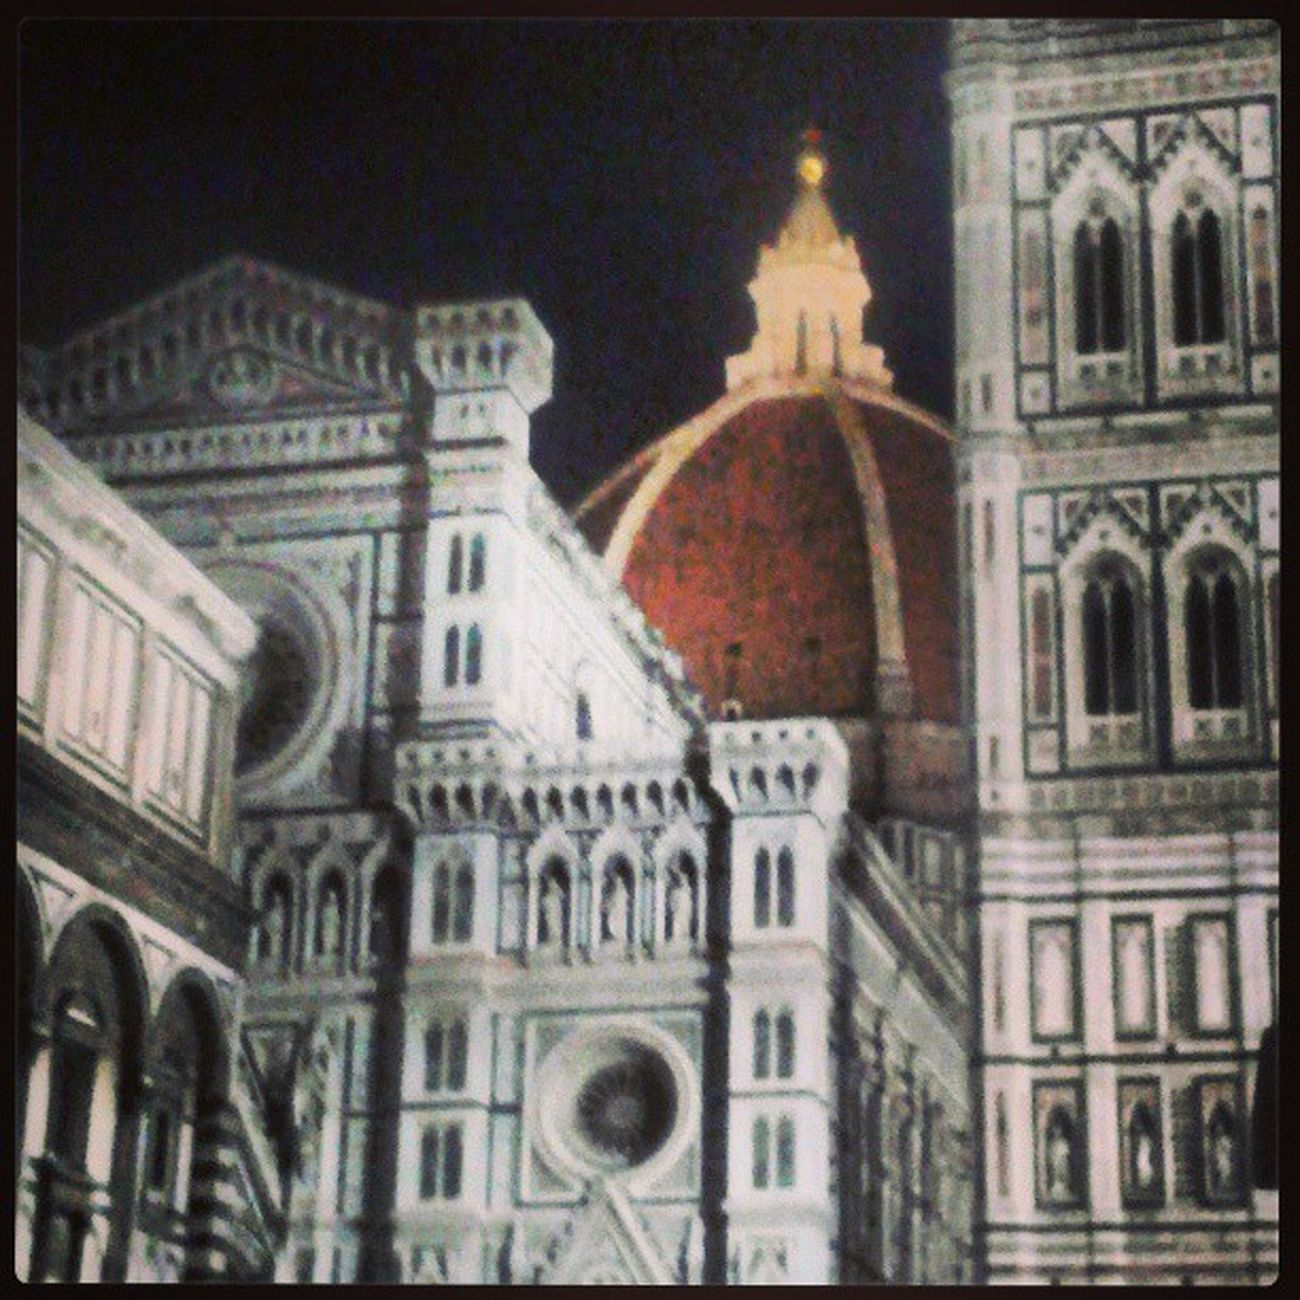 Firenzebynight Firenze Buongiorno Notte cupola meraviglia arte citta italia immensa instaitalia florence orgoglio forzaviola